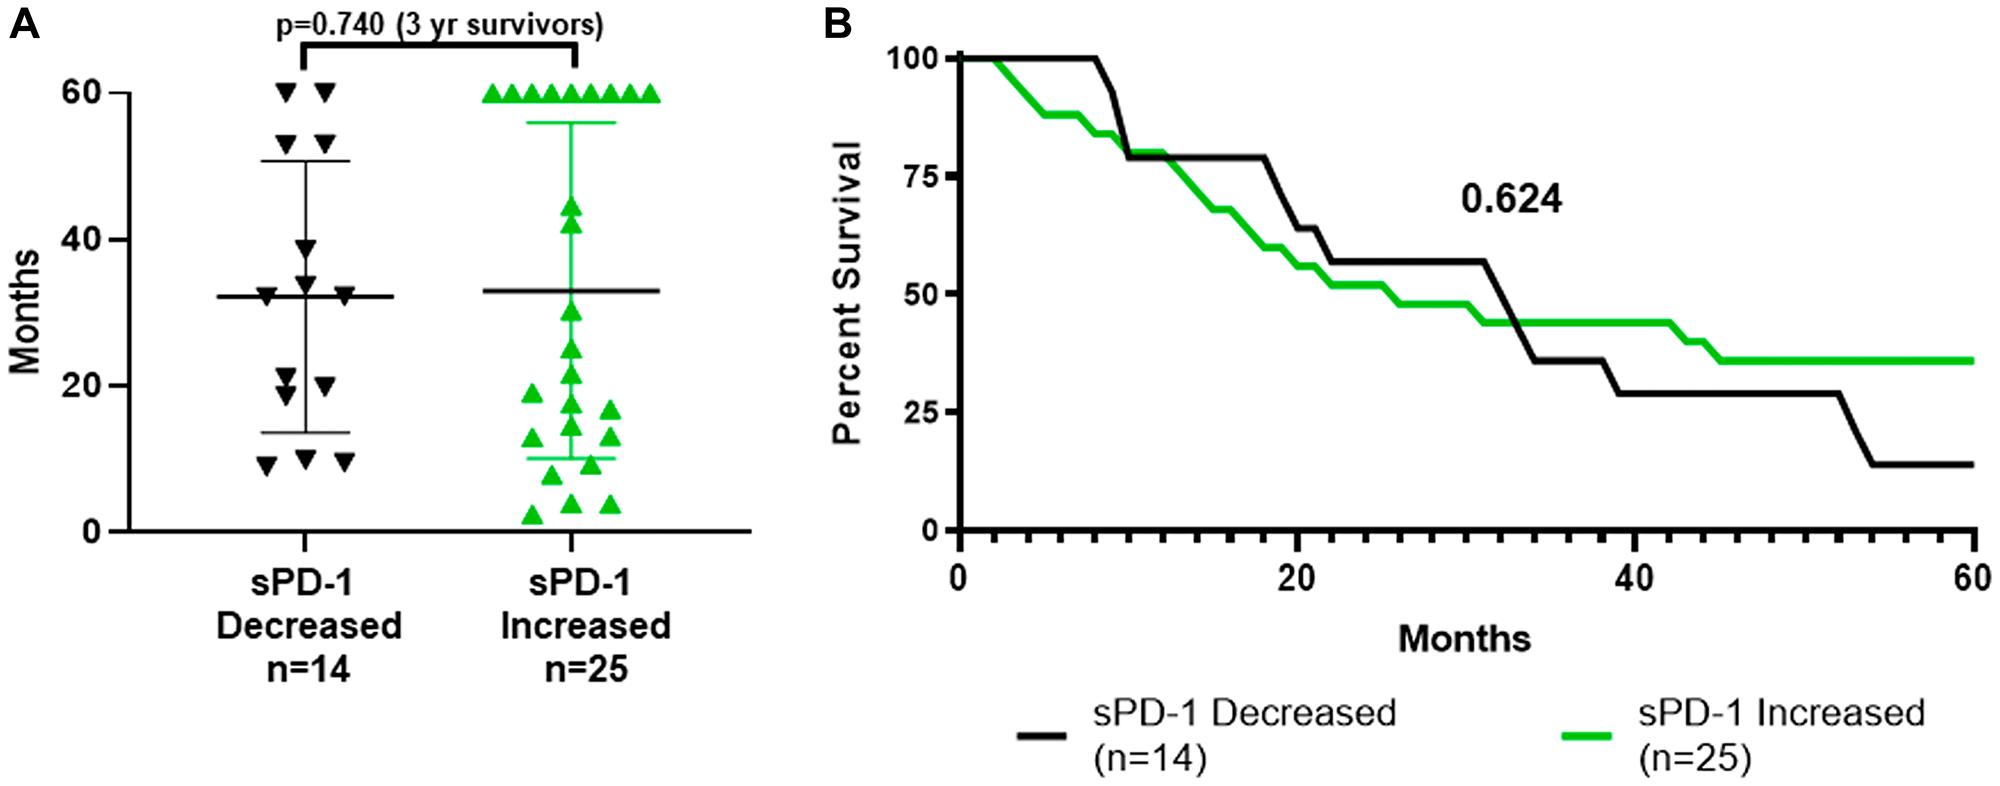 Survival by whether sPD-1 increased or decreased between week-0 and week-4.